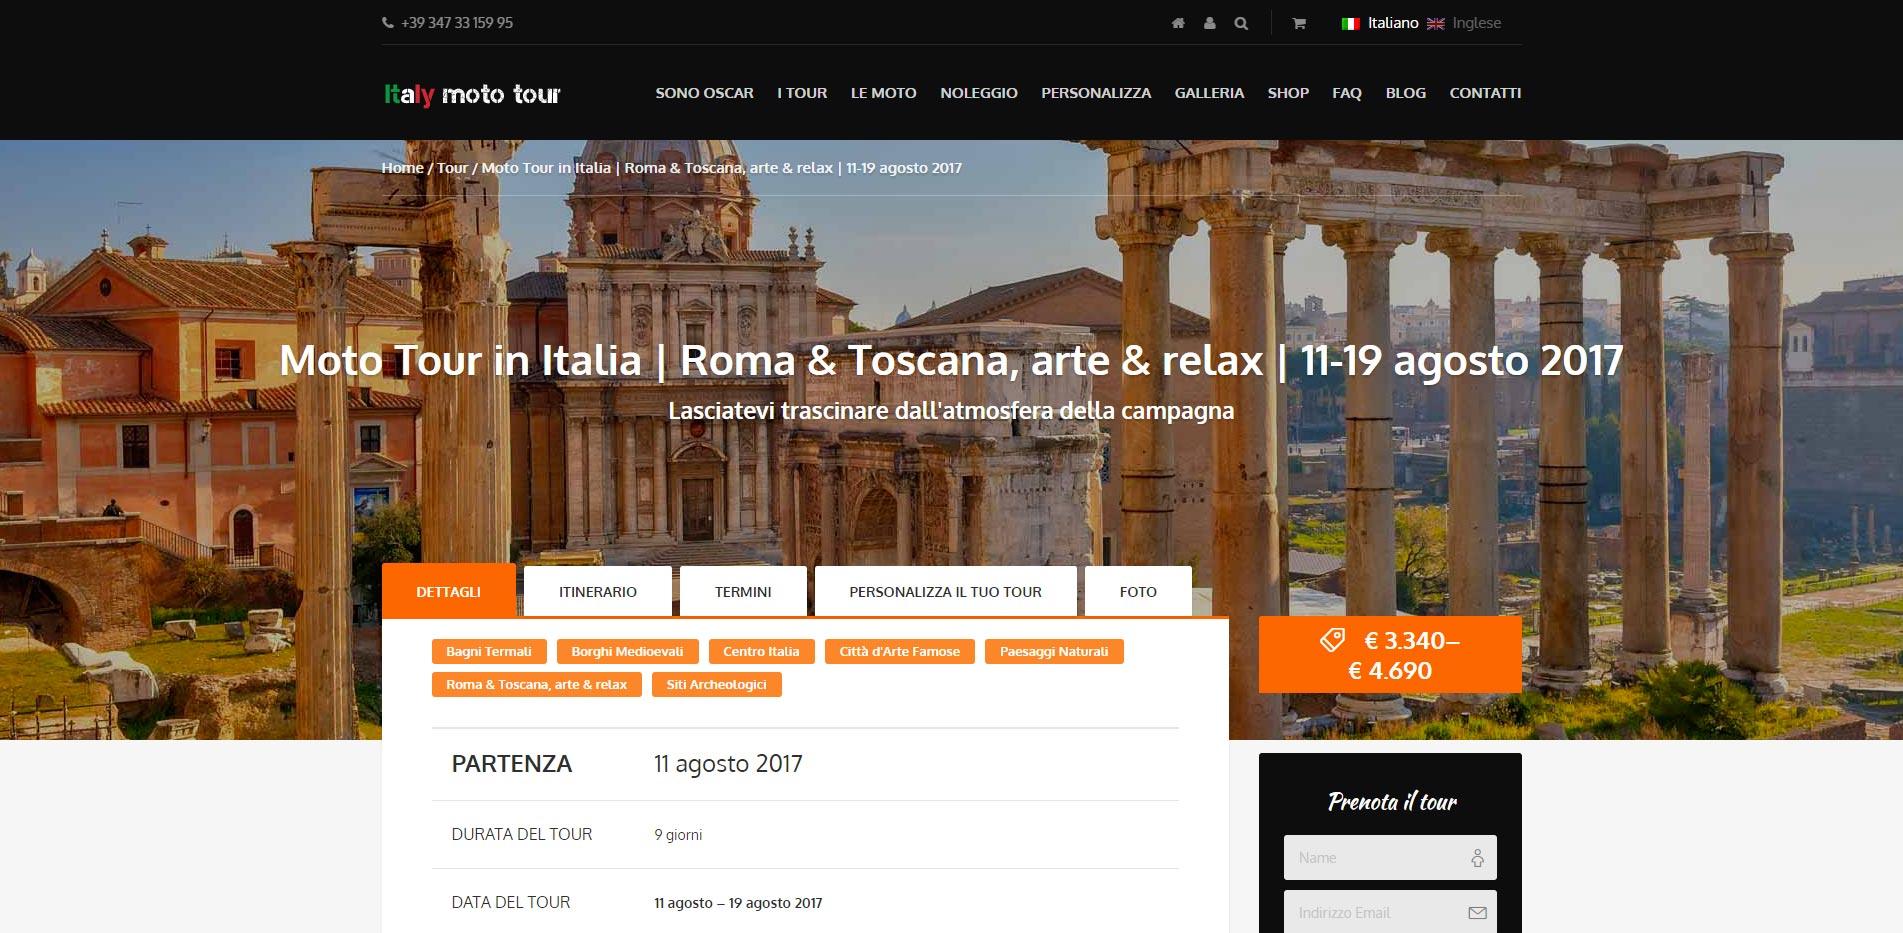 Italy Moto Tour